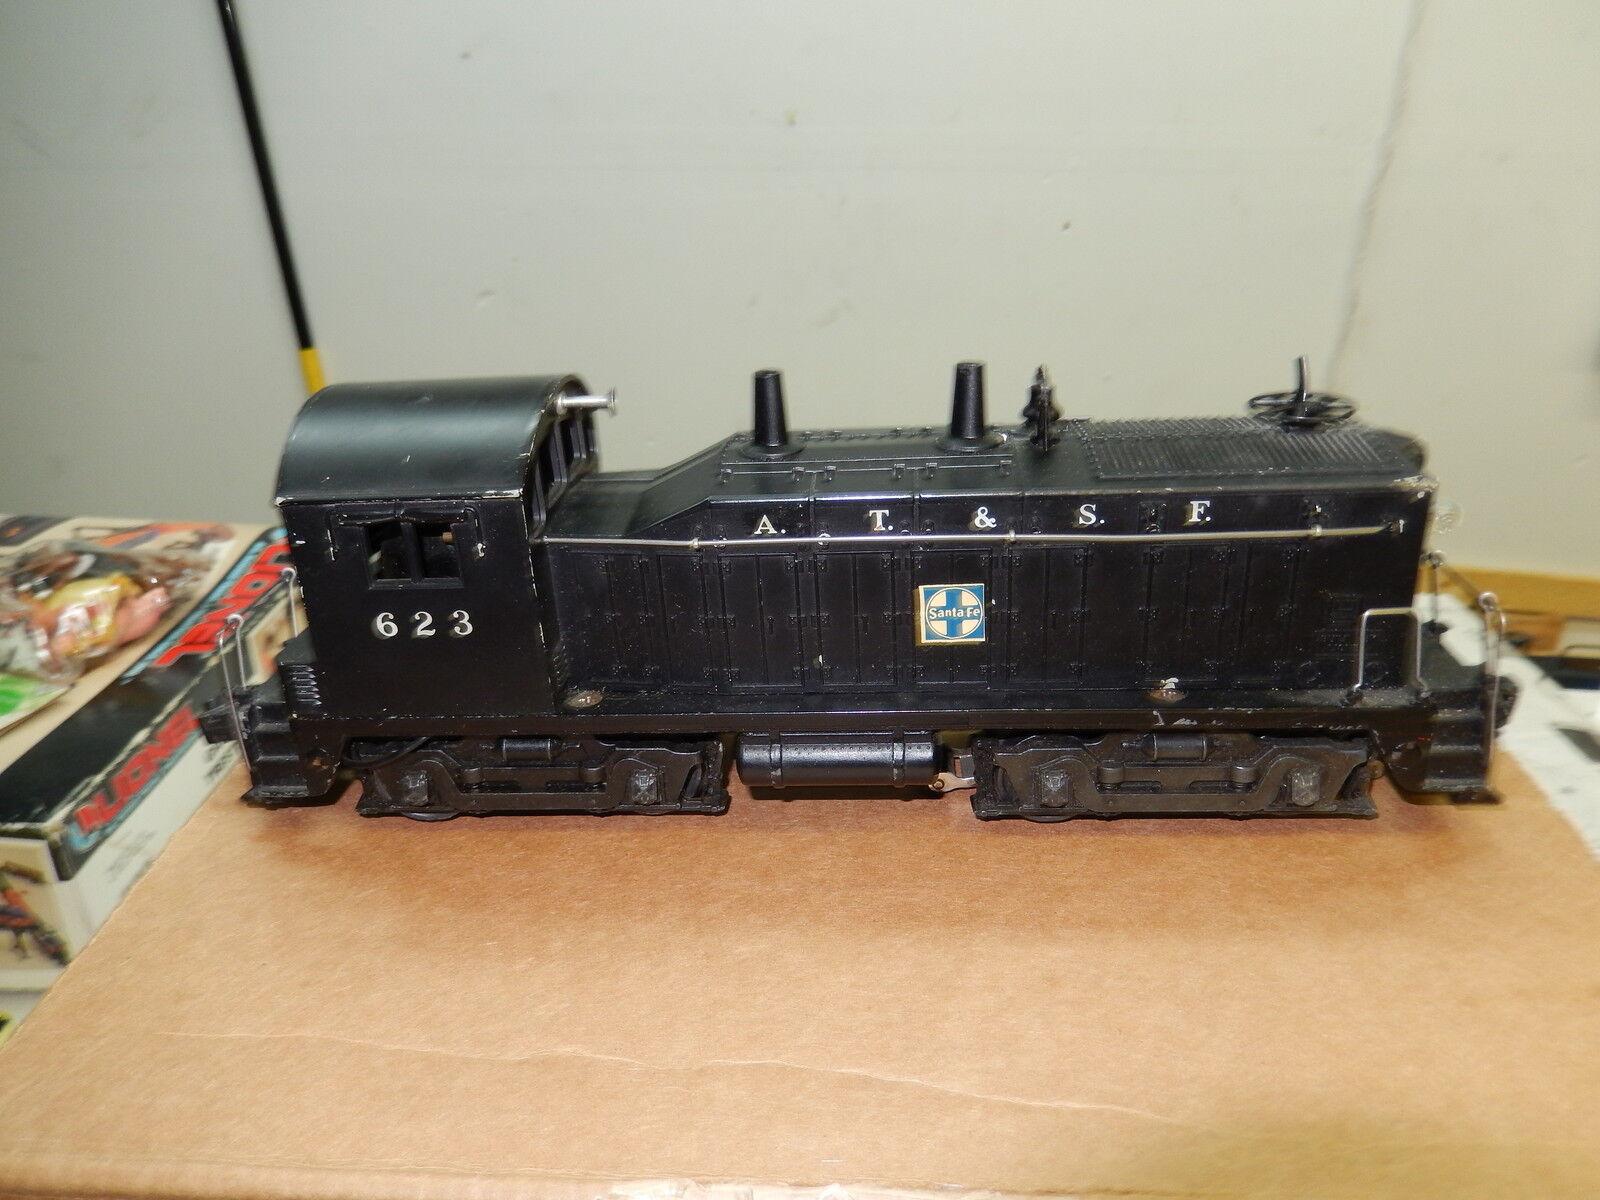 Lionel  623 Santa Fe A.T & S.F Switcher